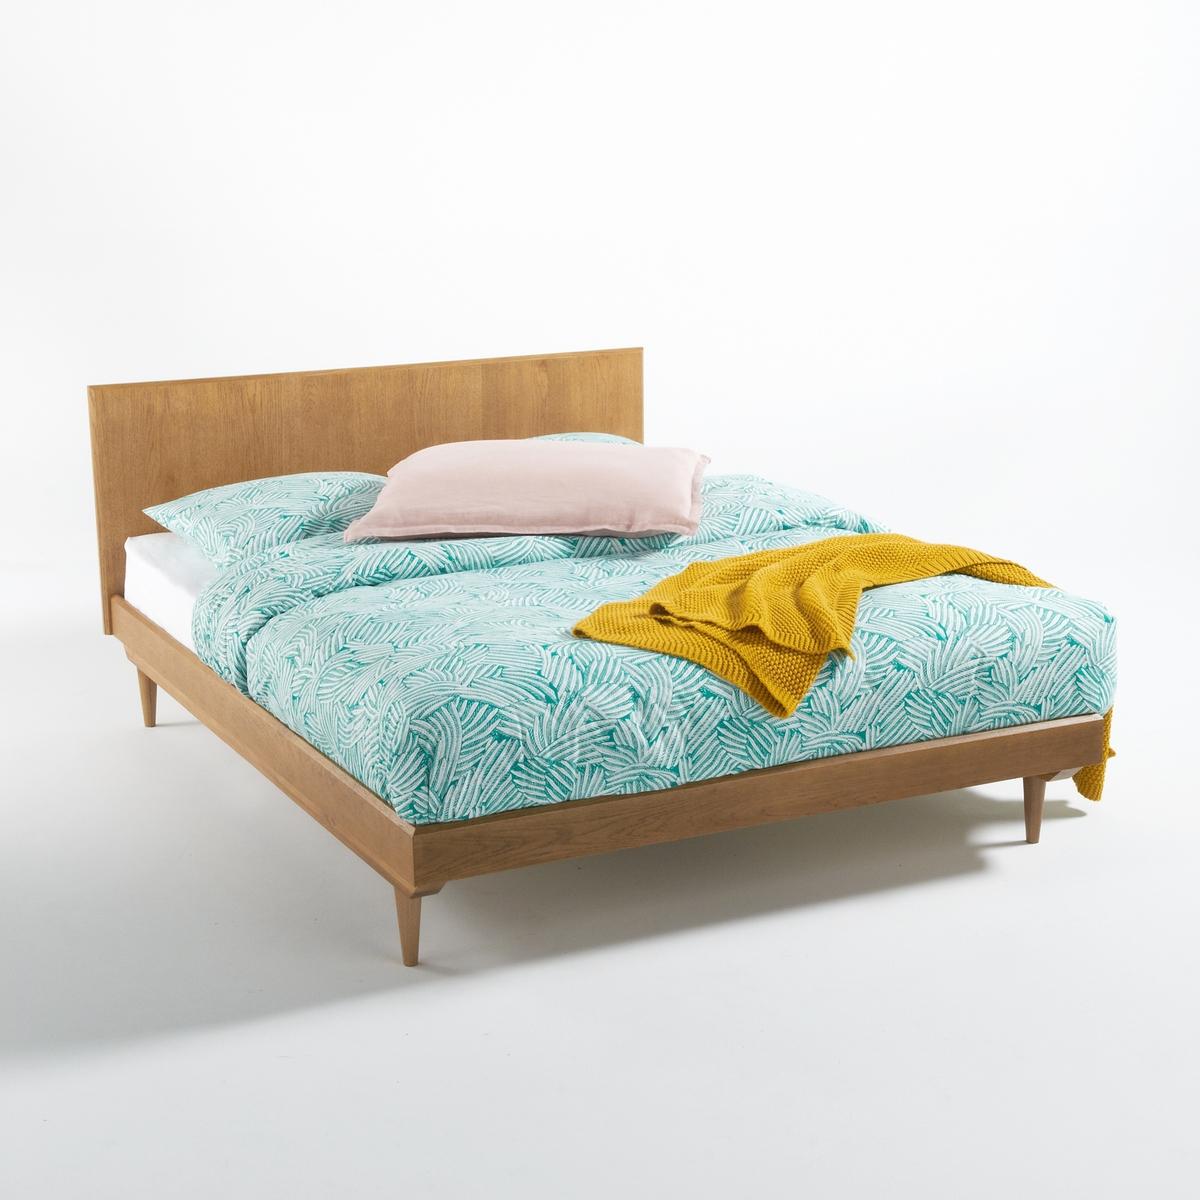 Кровать LaRedoute В винтажном стиле Quilda 160 x 200 см каштановый